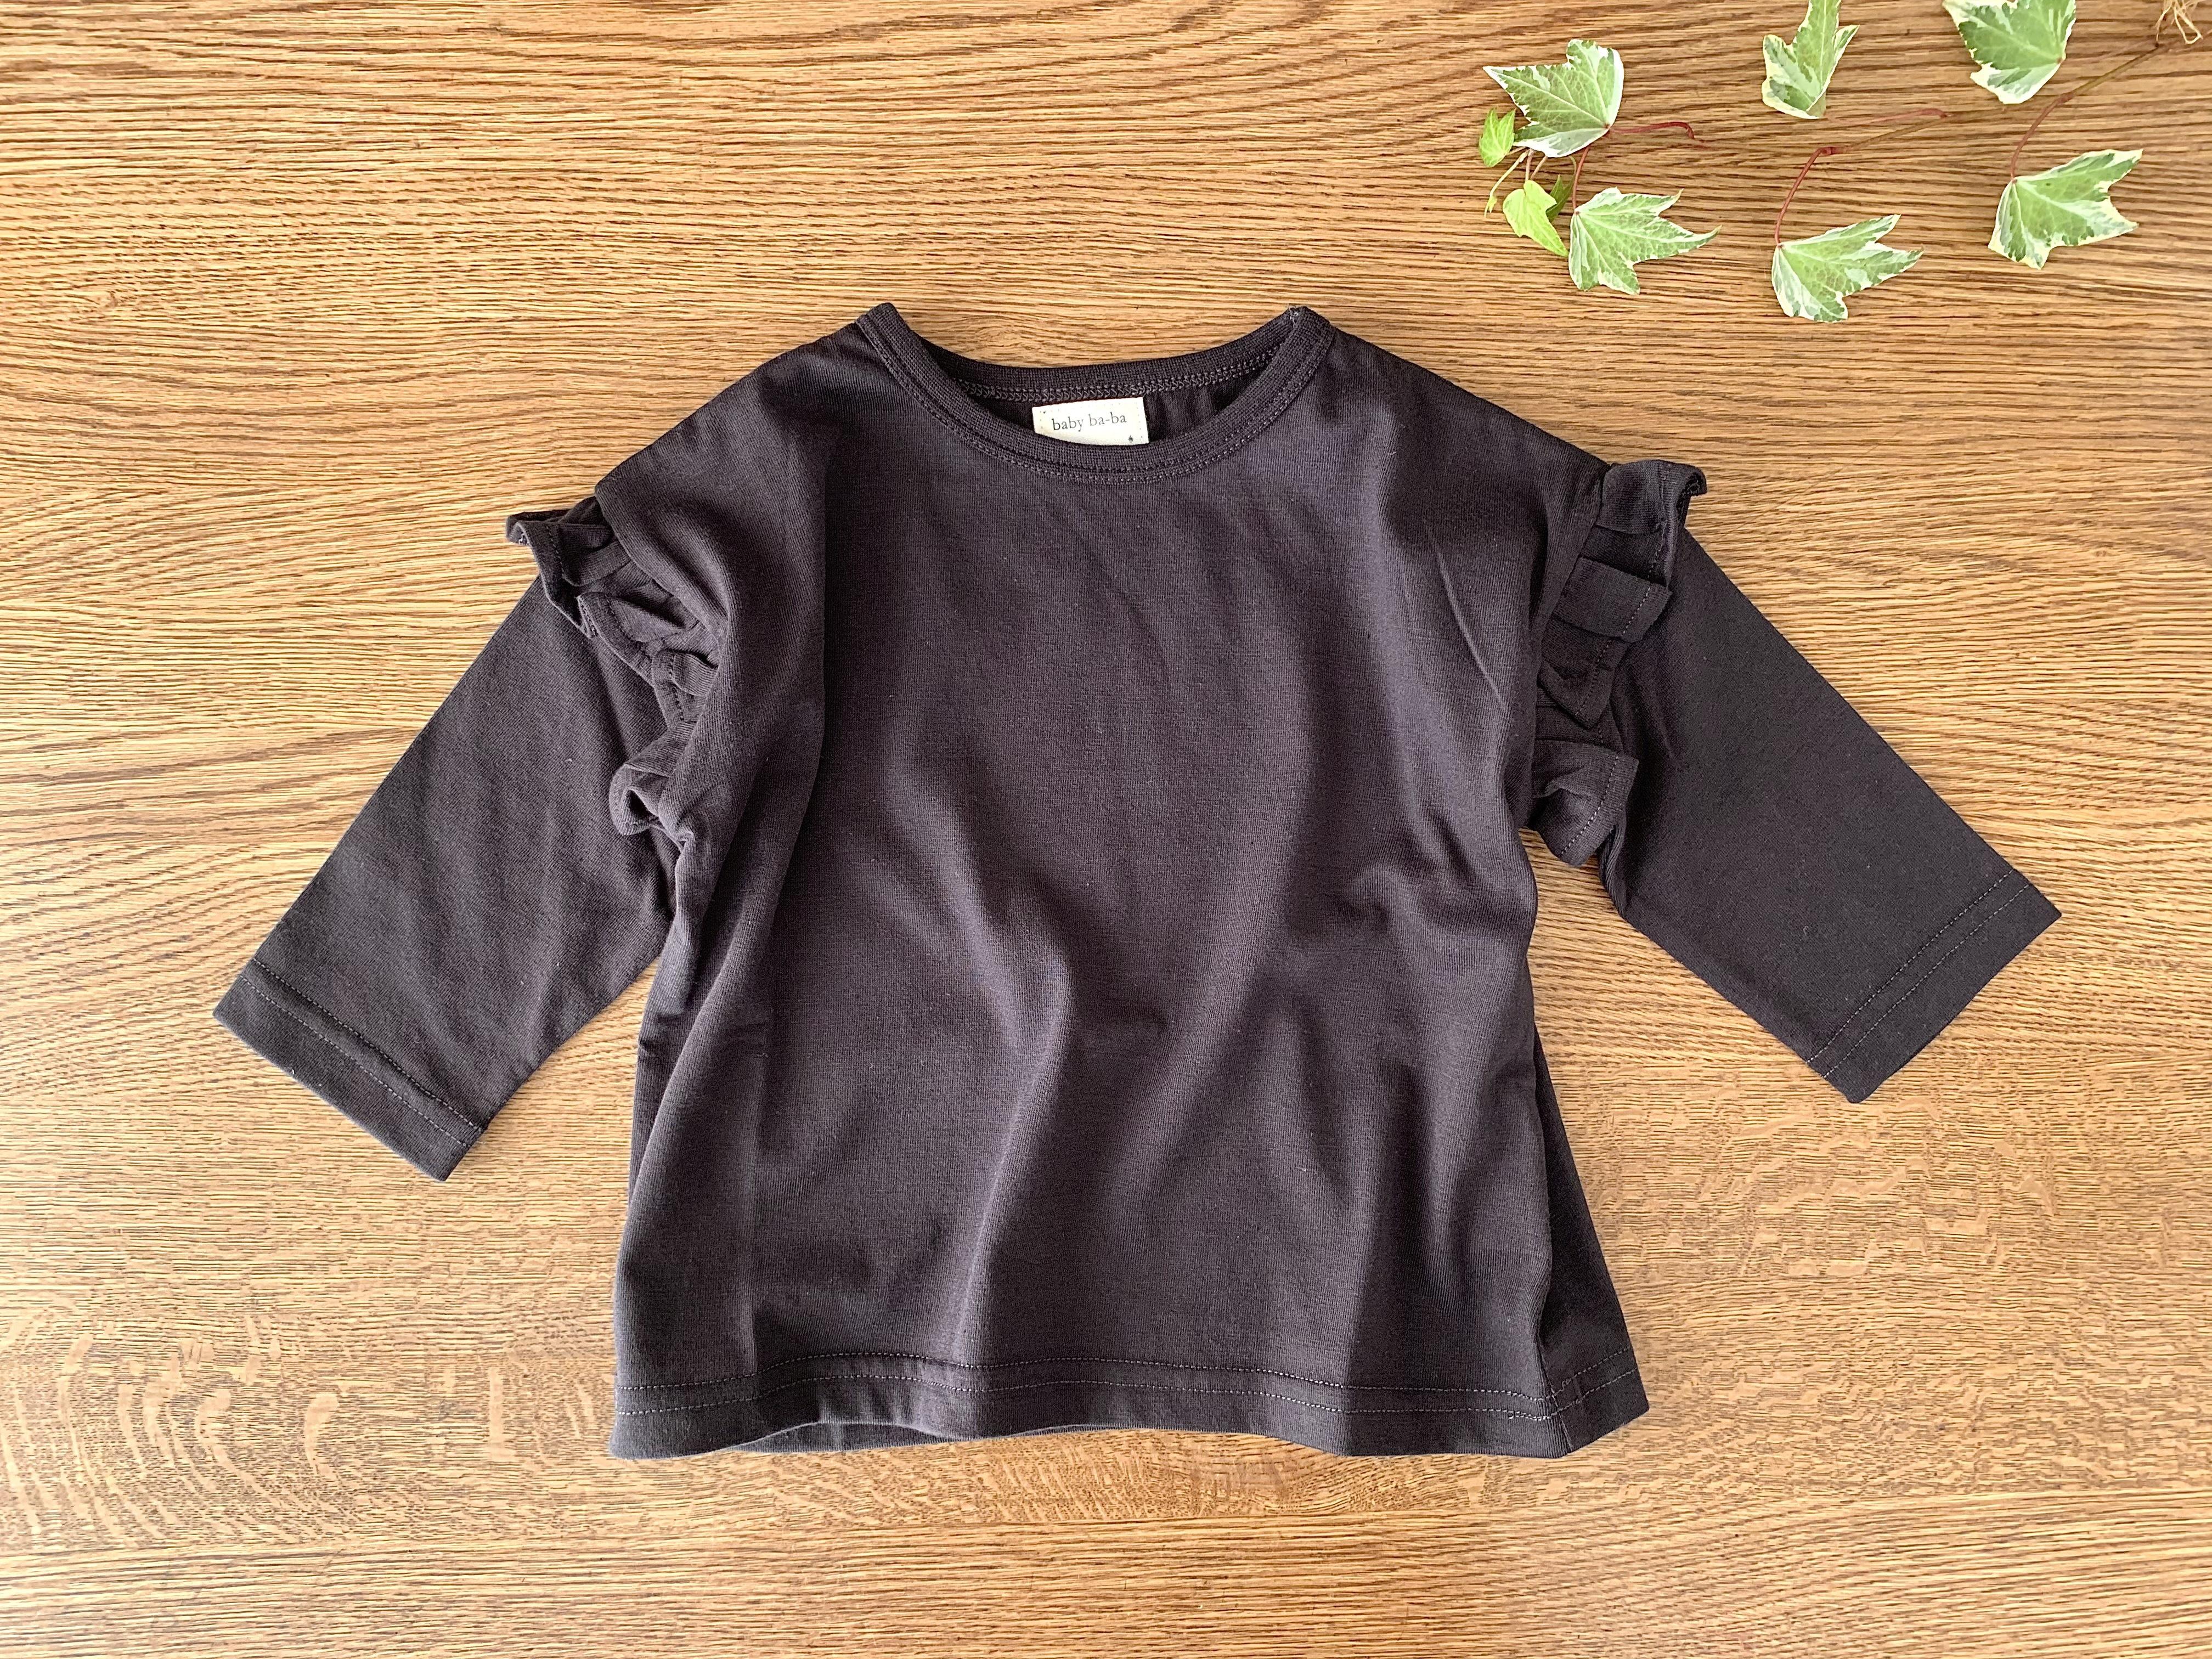 肩フリルの長袖シャツ・黒色 85cm~90cm